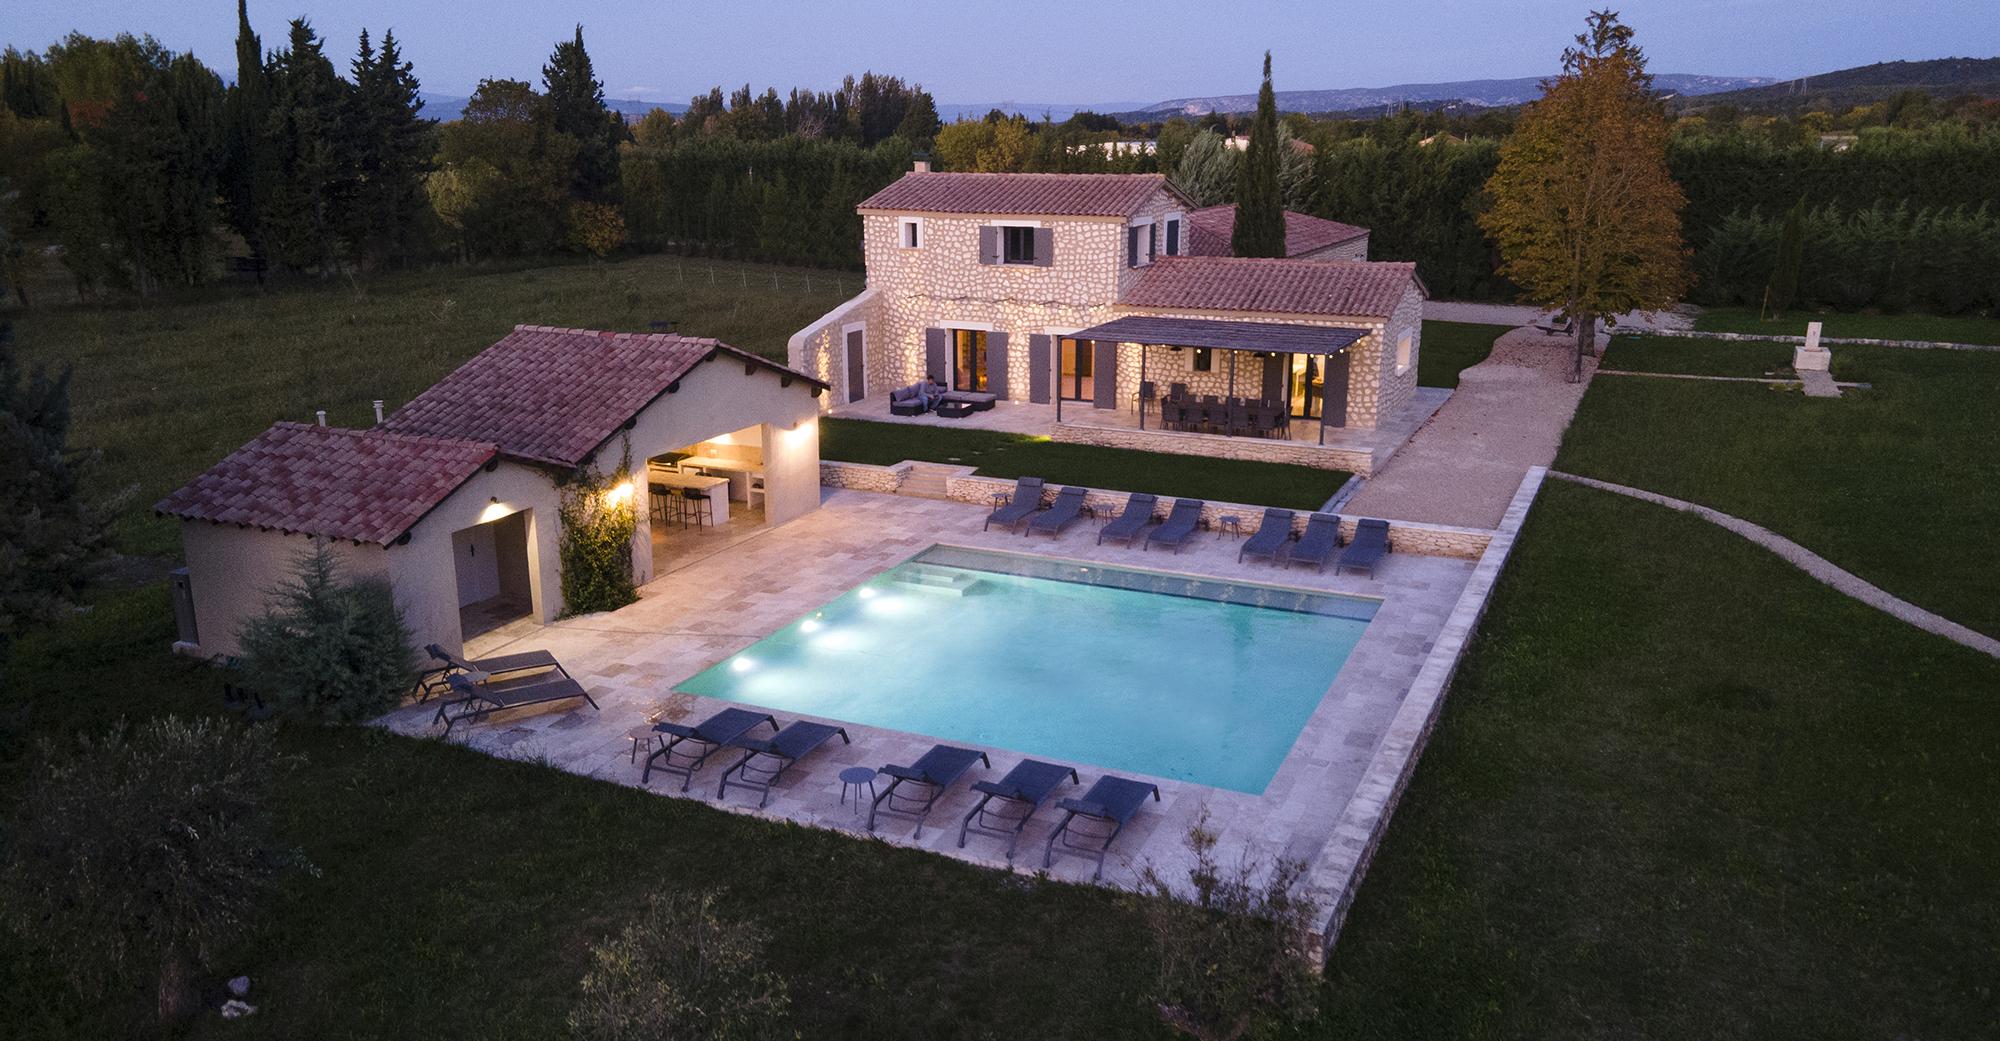 La Conciergerie, immobilier, drone, vue aérienne